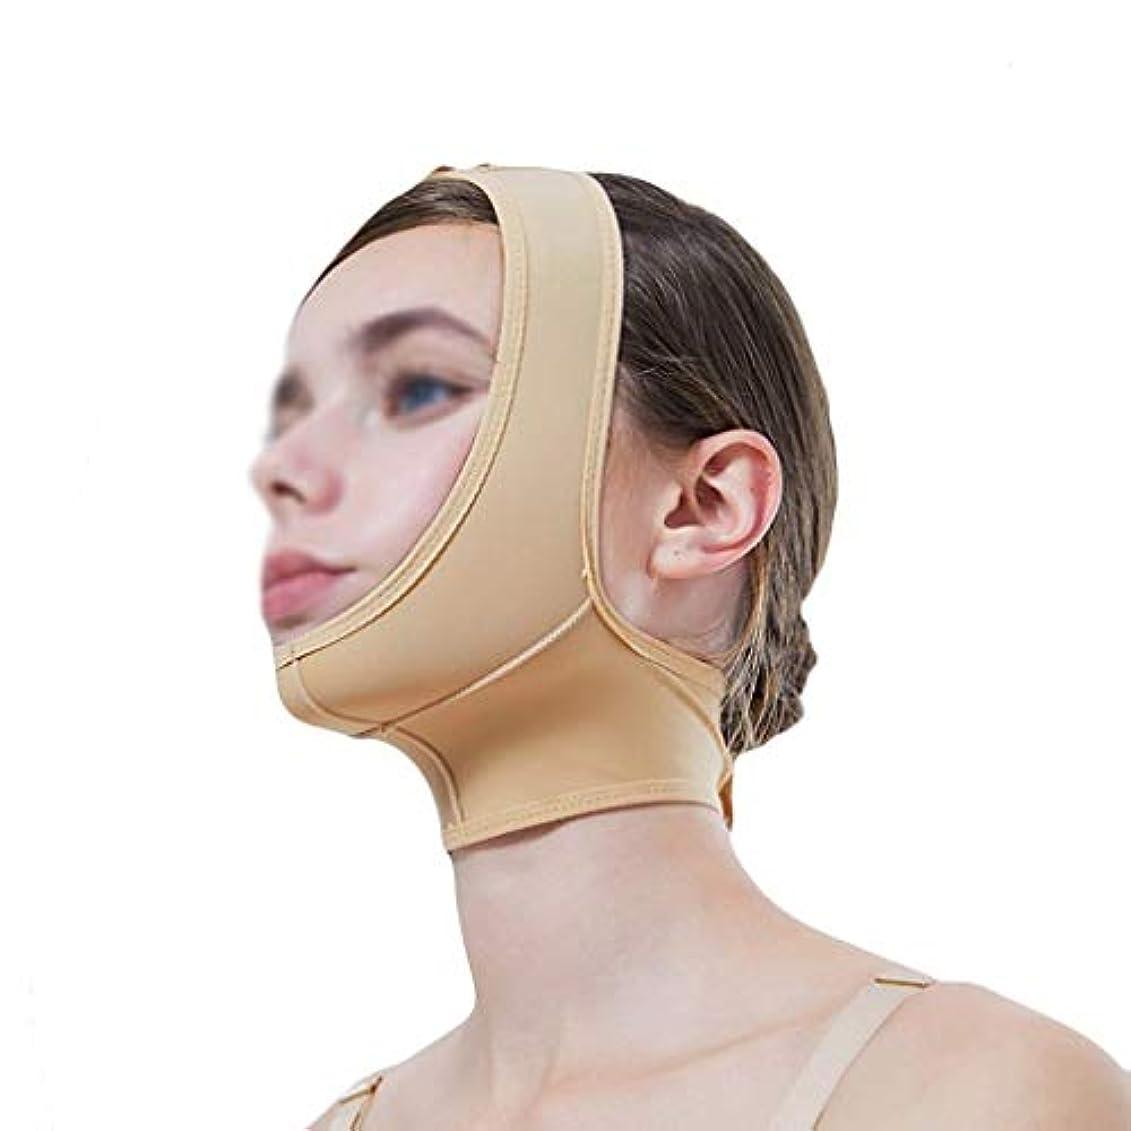 売る分割粘液マスク、超薄型ベルト、フェイスリフティングに適し、フェイスリフティング、通気性包帯、あご取りベルト、超薄型ベルト、通気性(サイズ:XL),M